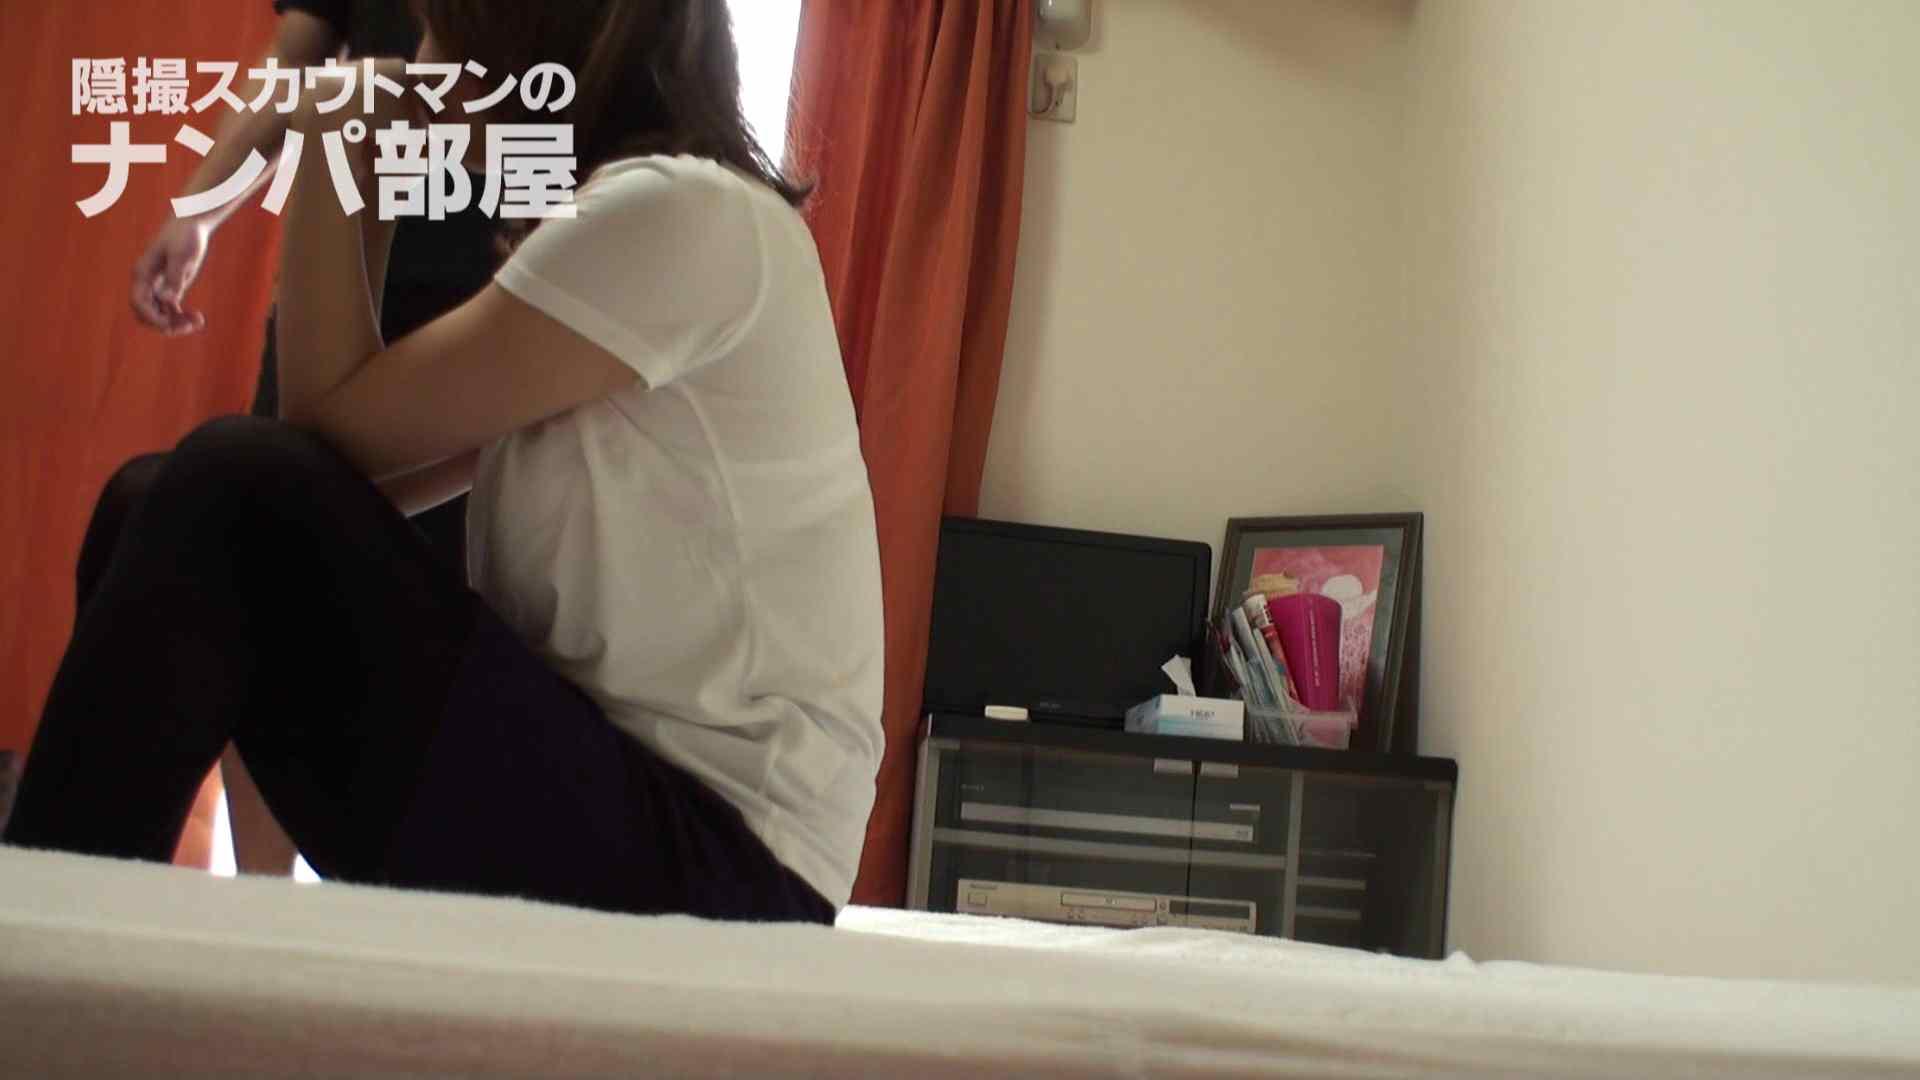 隠撮スカウトマンのナンパ部屋~風俗デビュー前のつまみ食い~ siivol.2 OL裸体 | ナンパ  58画像 2